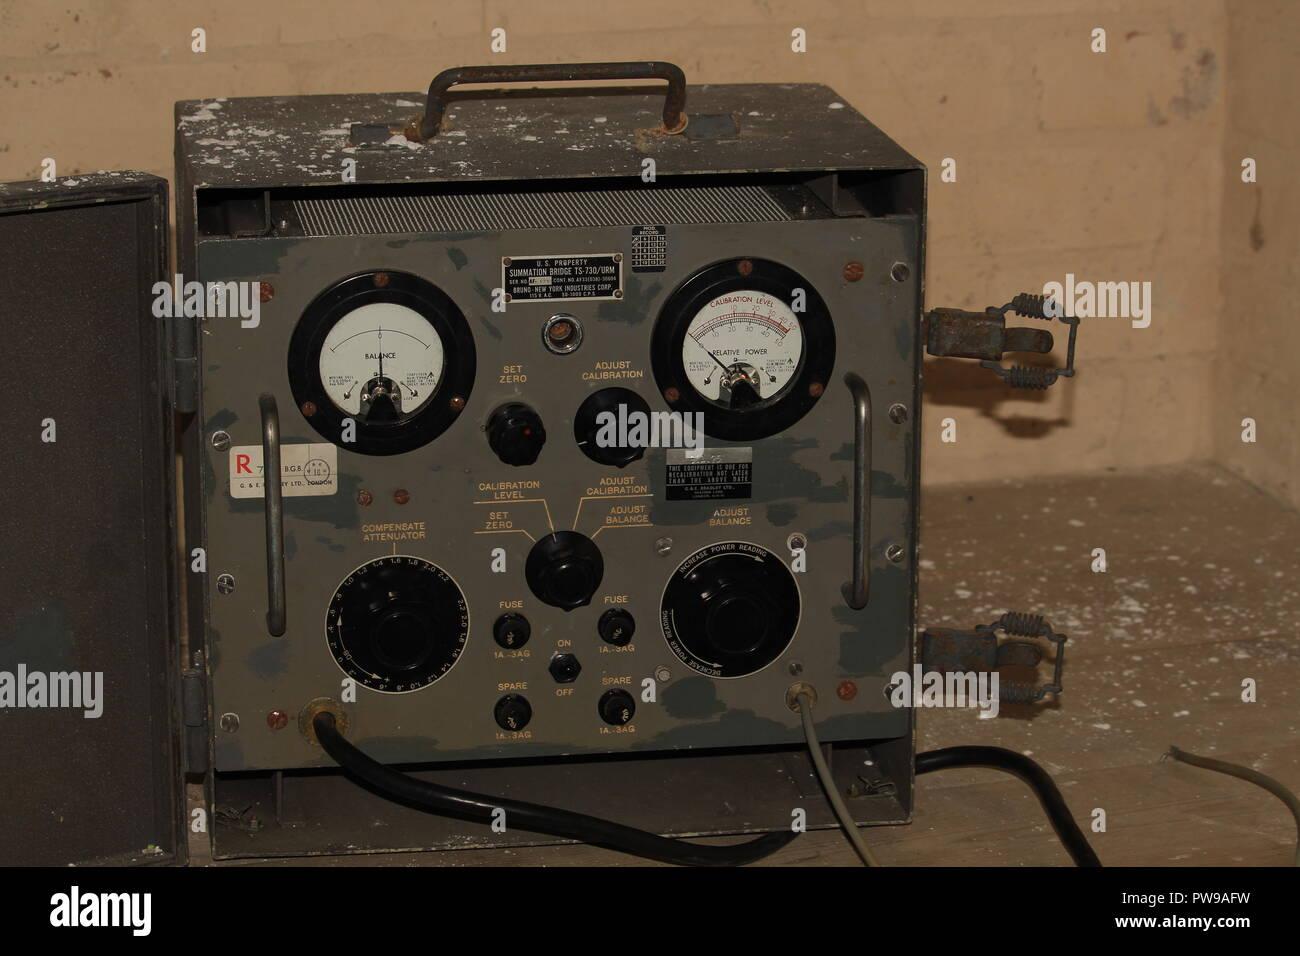 Los ecos de la guerra fría - Medidor de comunicaciones sobre el terreno militar. Rocio de Marigny / Alamy Imagen De Stock